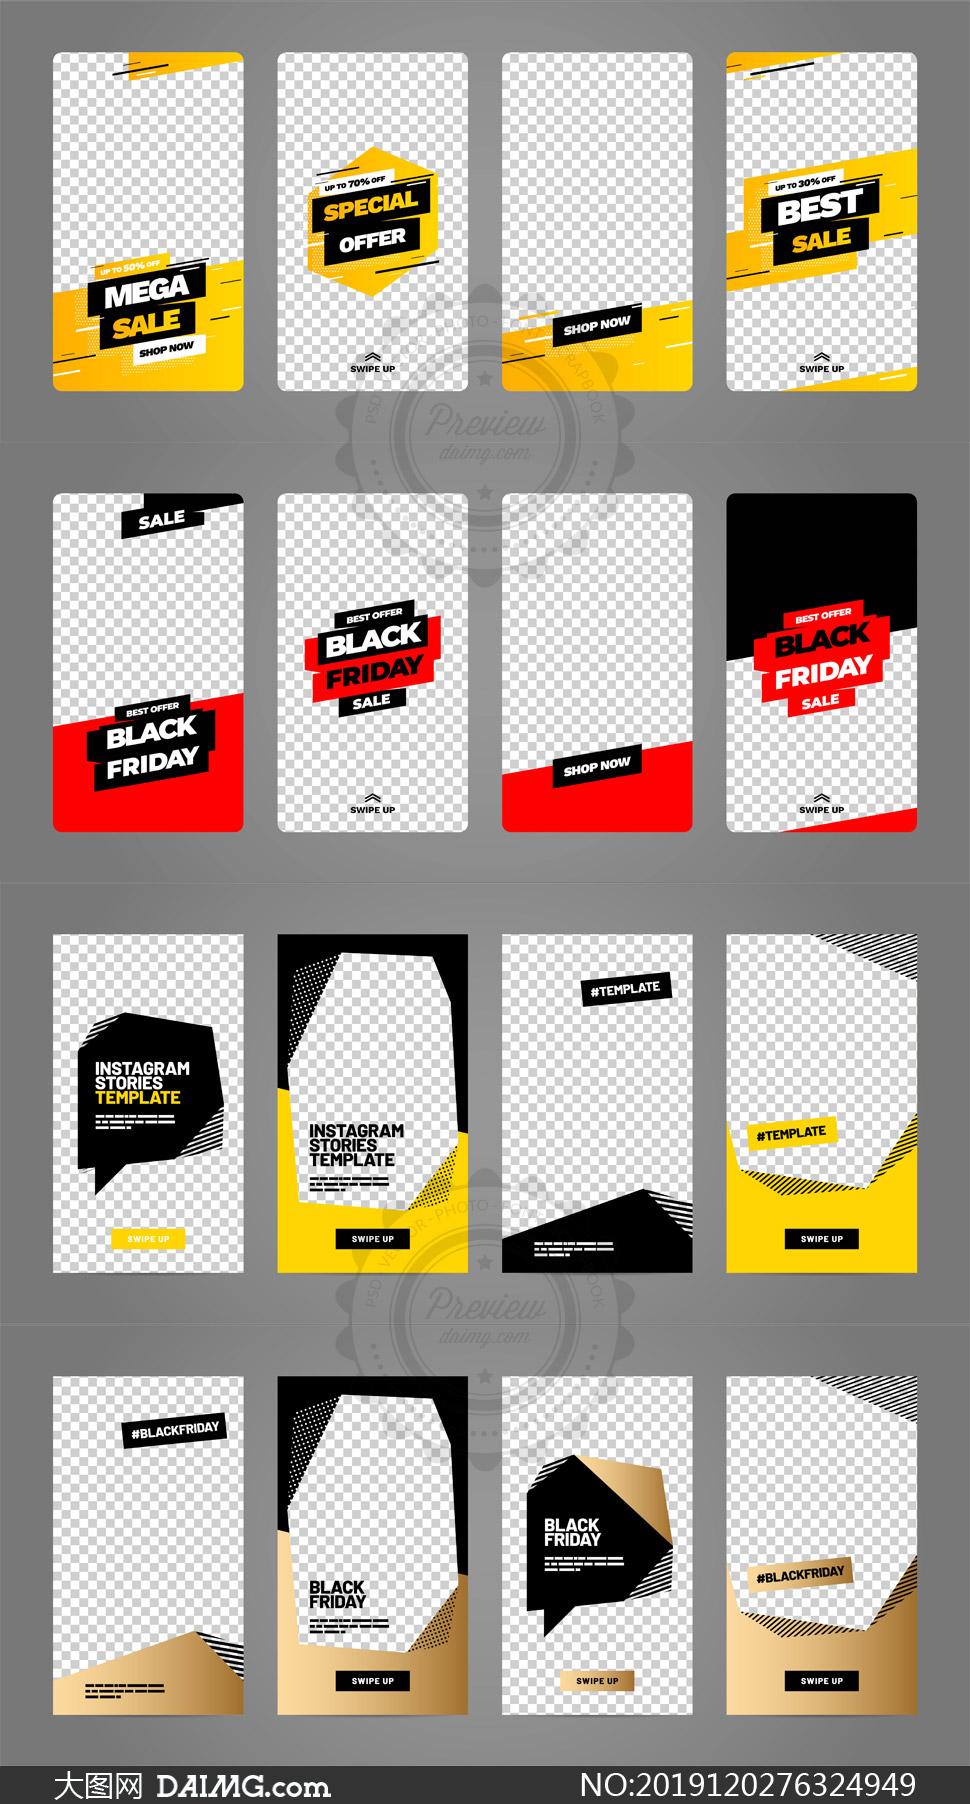 时尚版式海报广告设计模板矢量素材